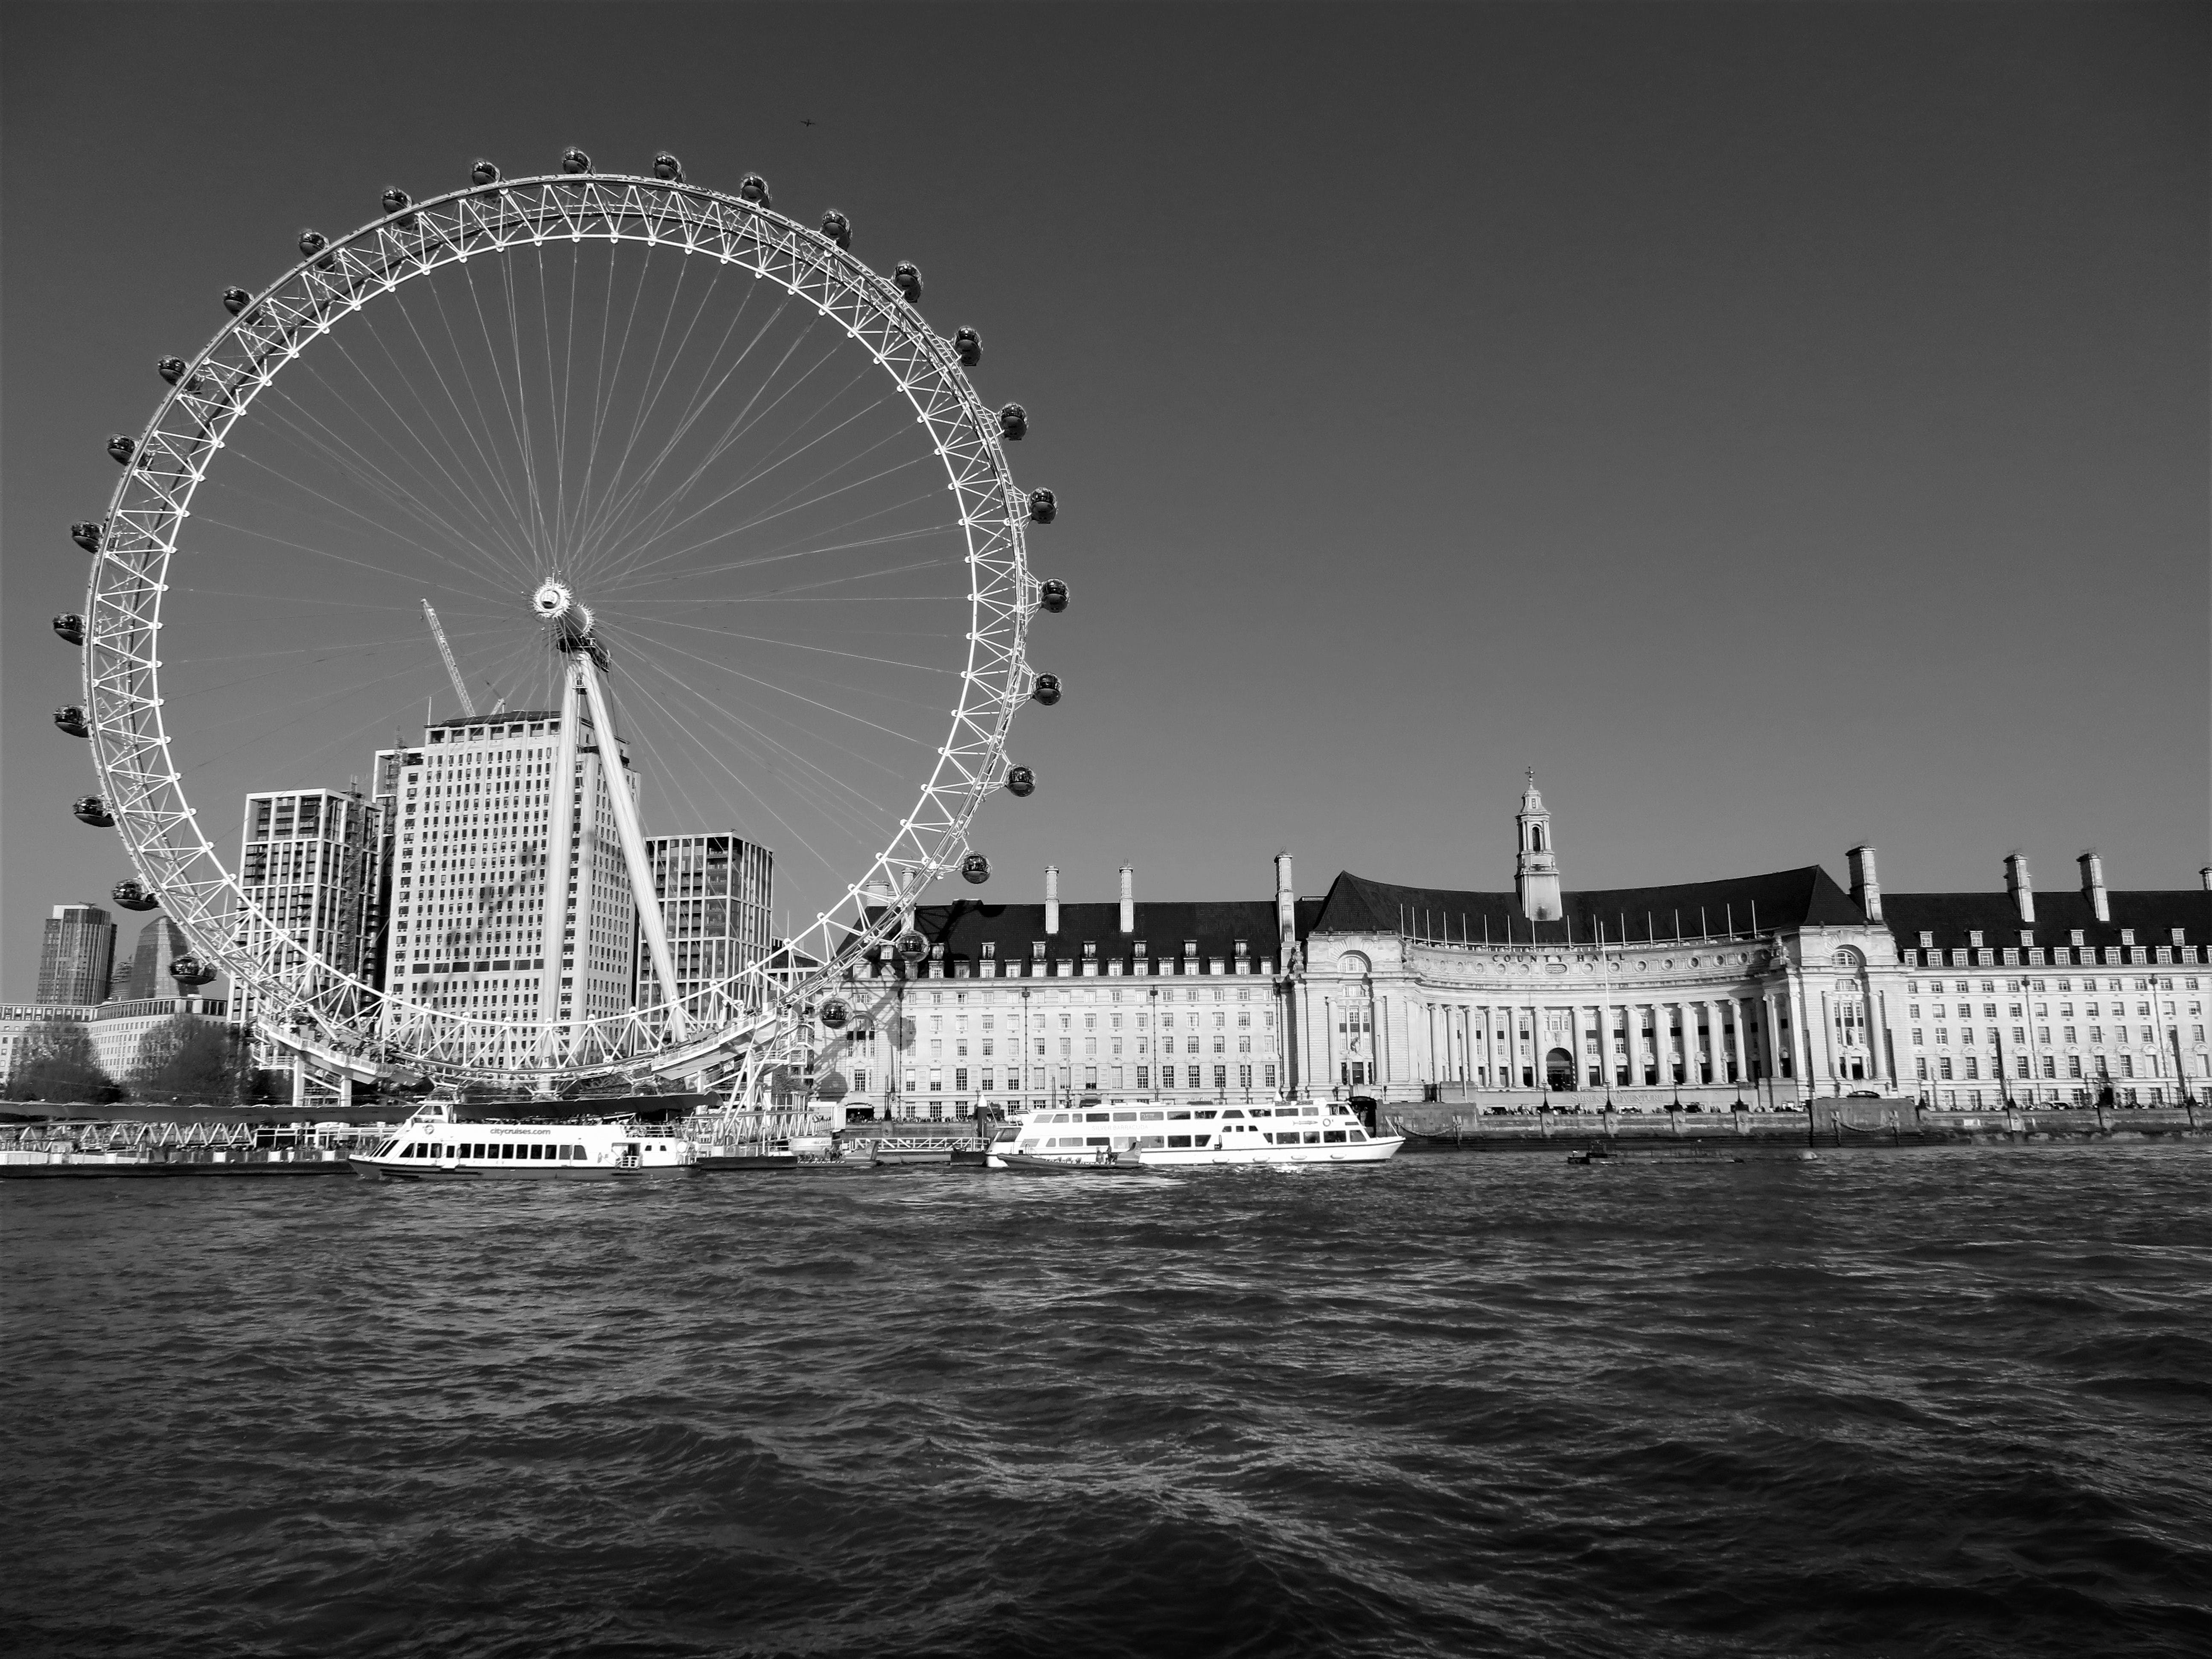 강가, 건축, 관광, 관광 명소의 무료 스톡 사진